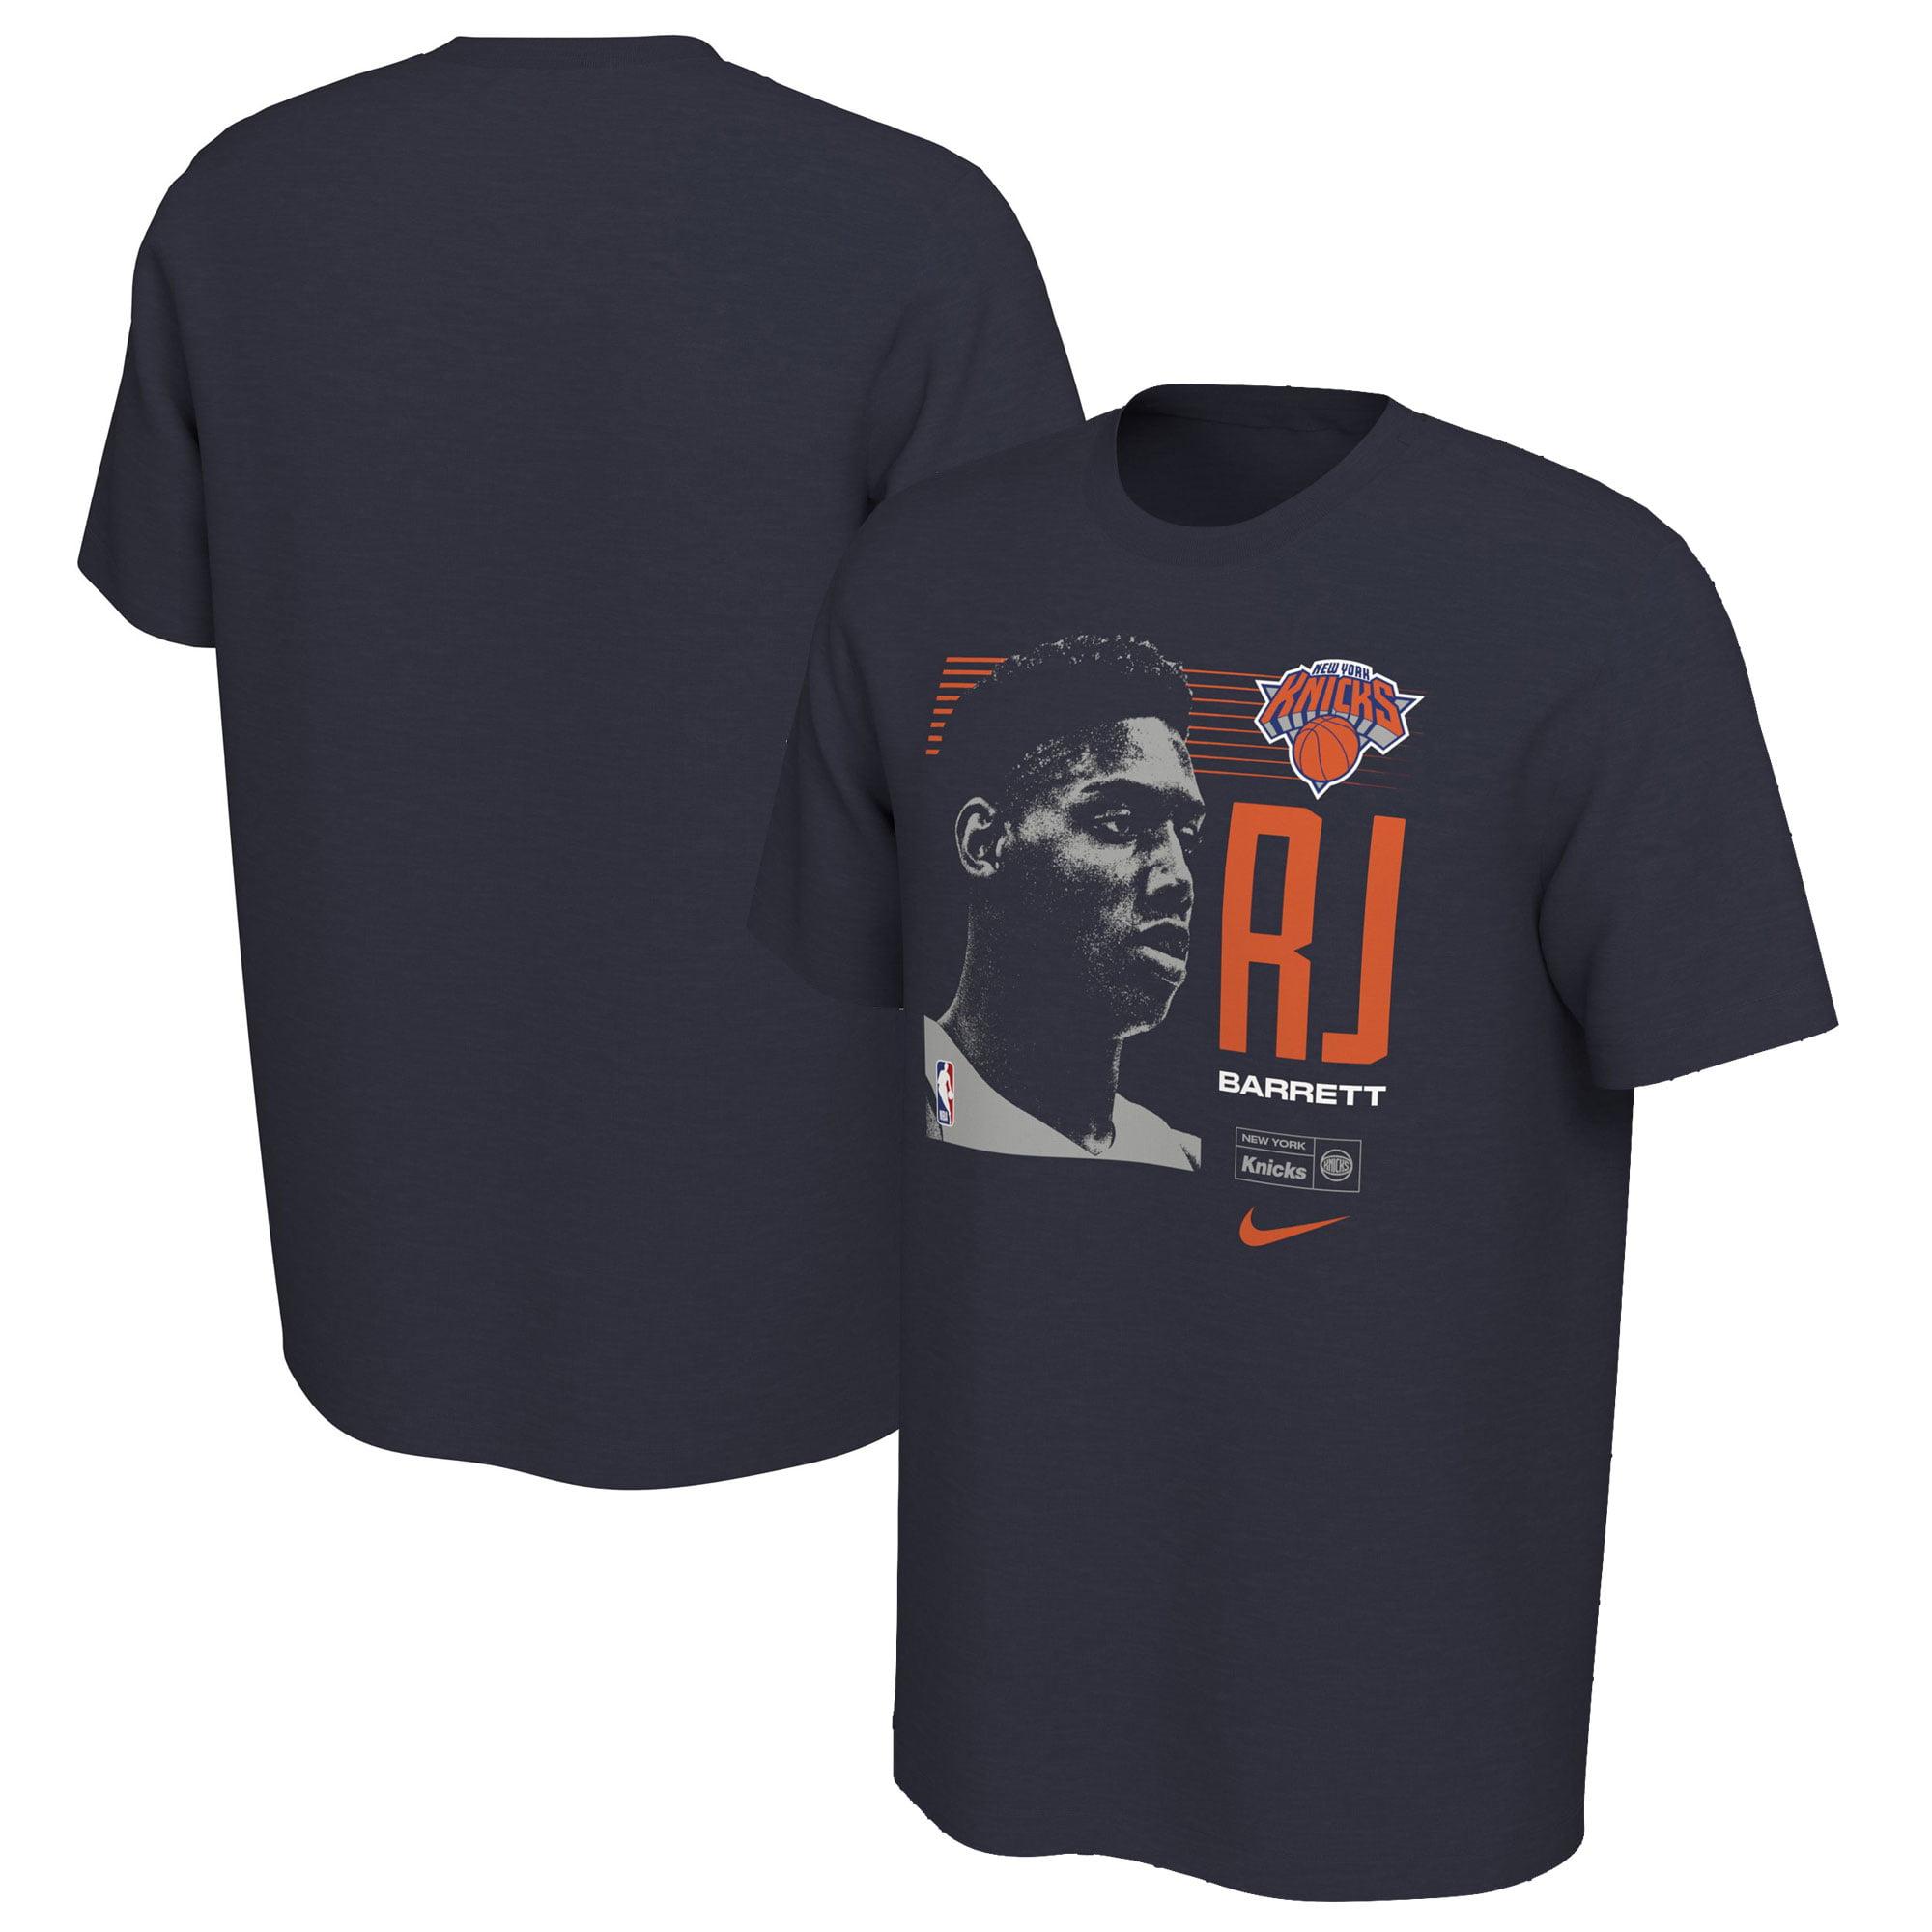 premium selection 5c7d3 85ea6 NBA Fan Shop - Walmart.com